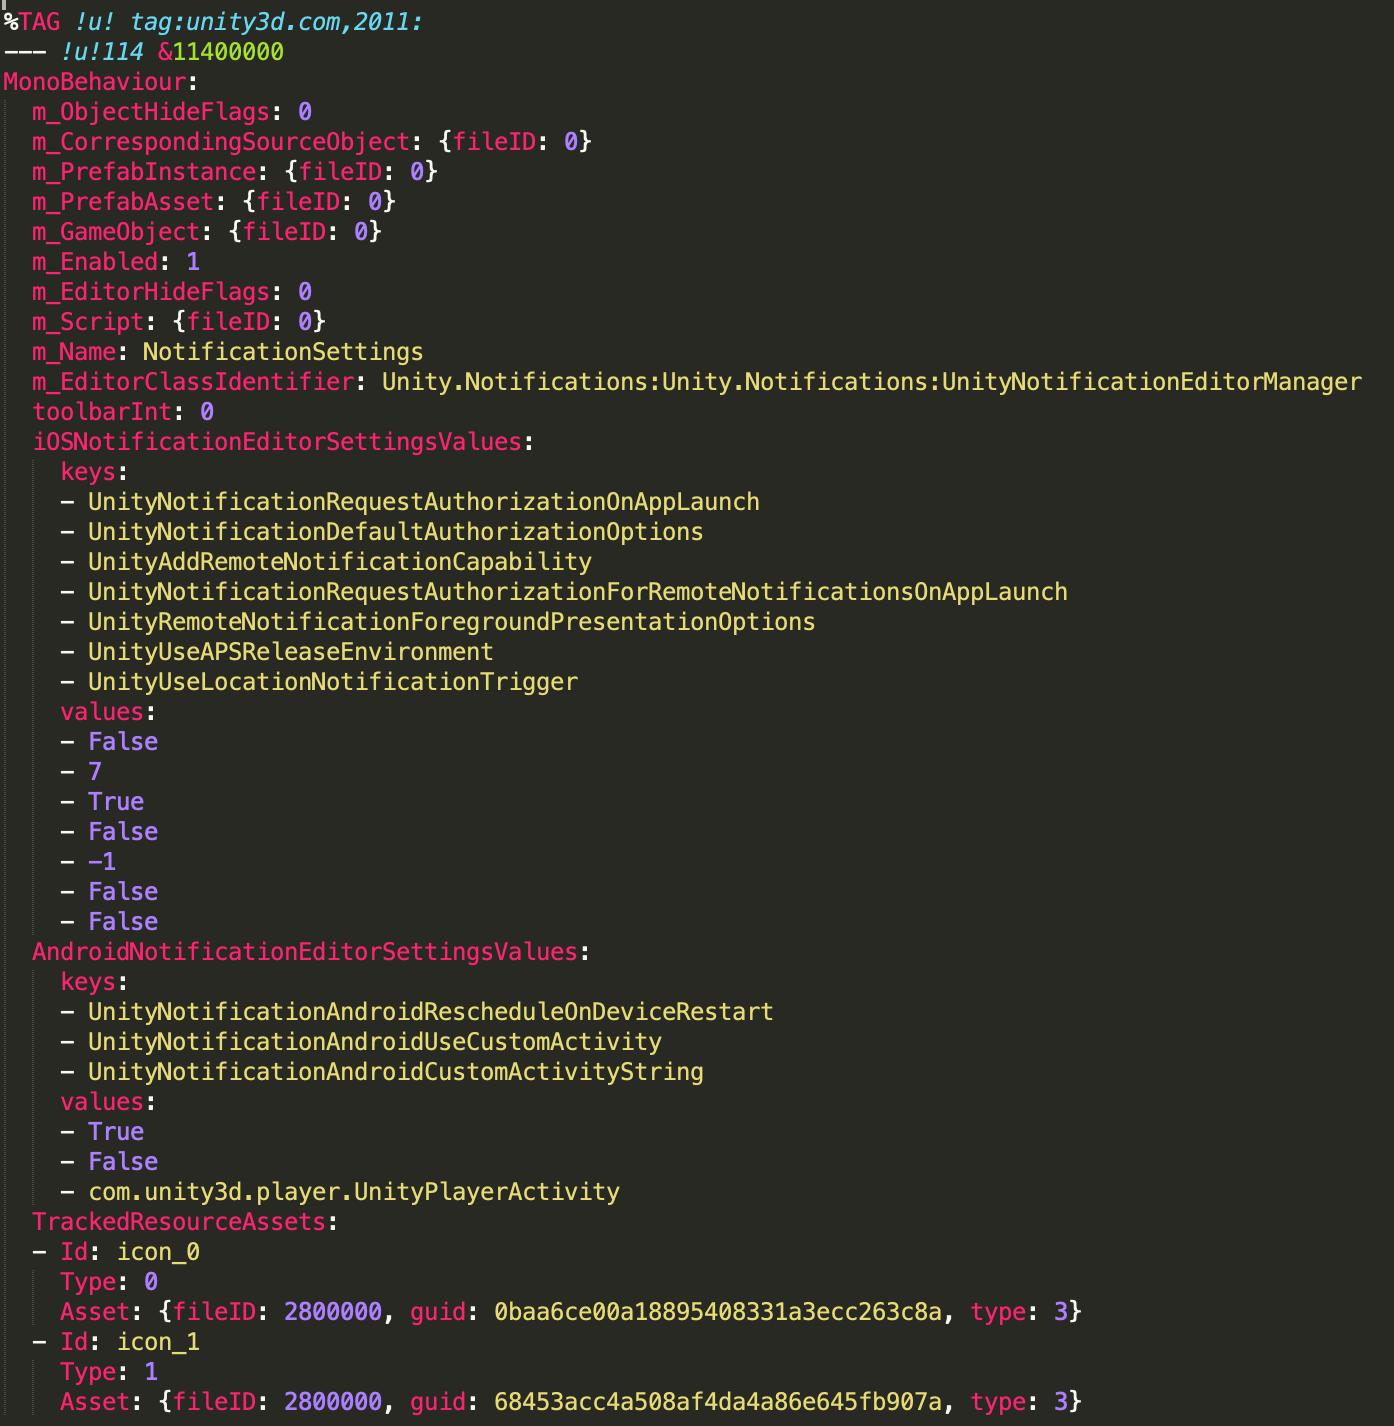 Screenshot 2020-12-16 at 10.34.52.png